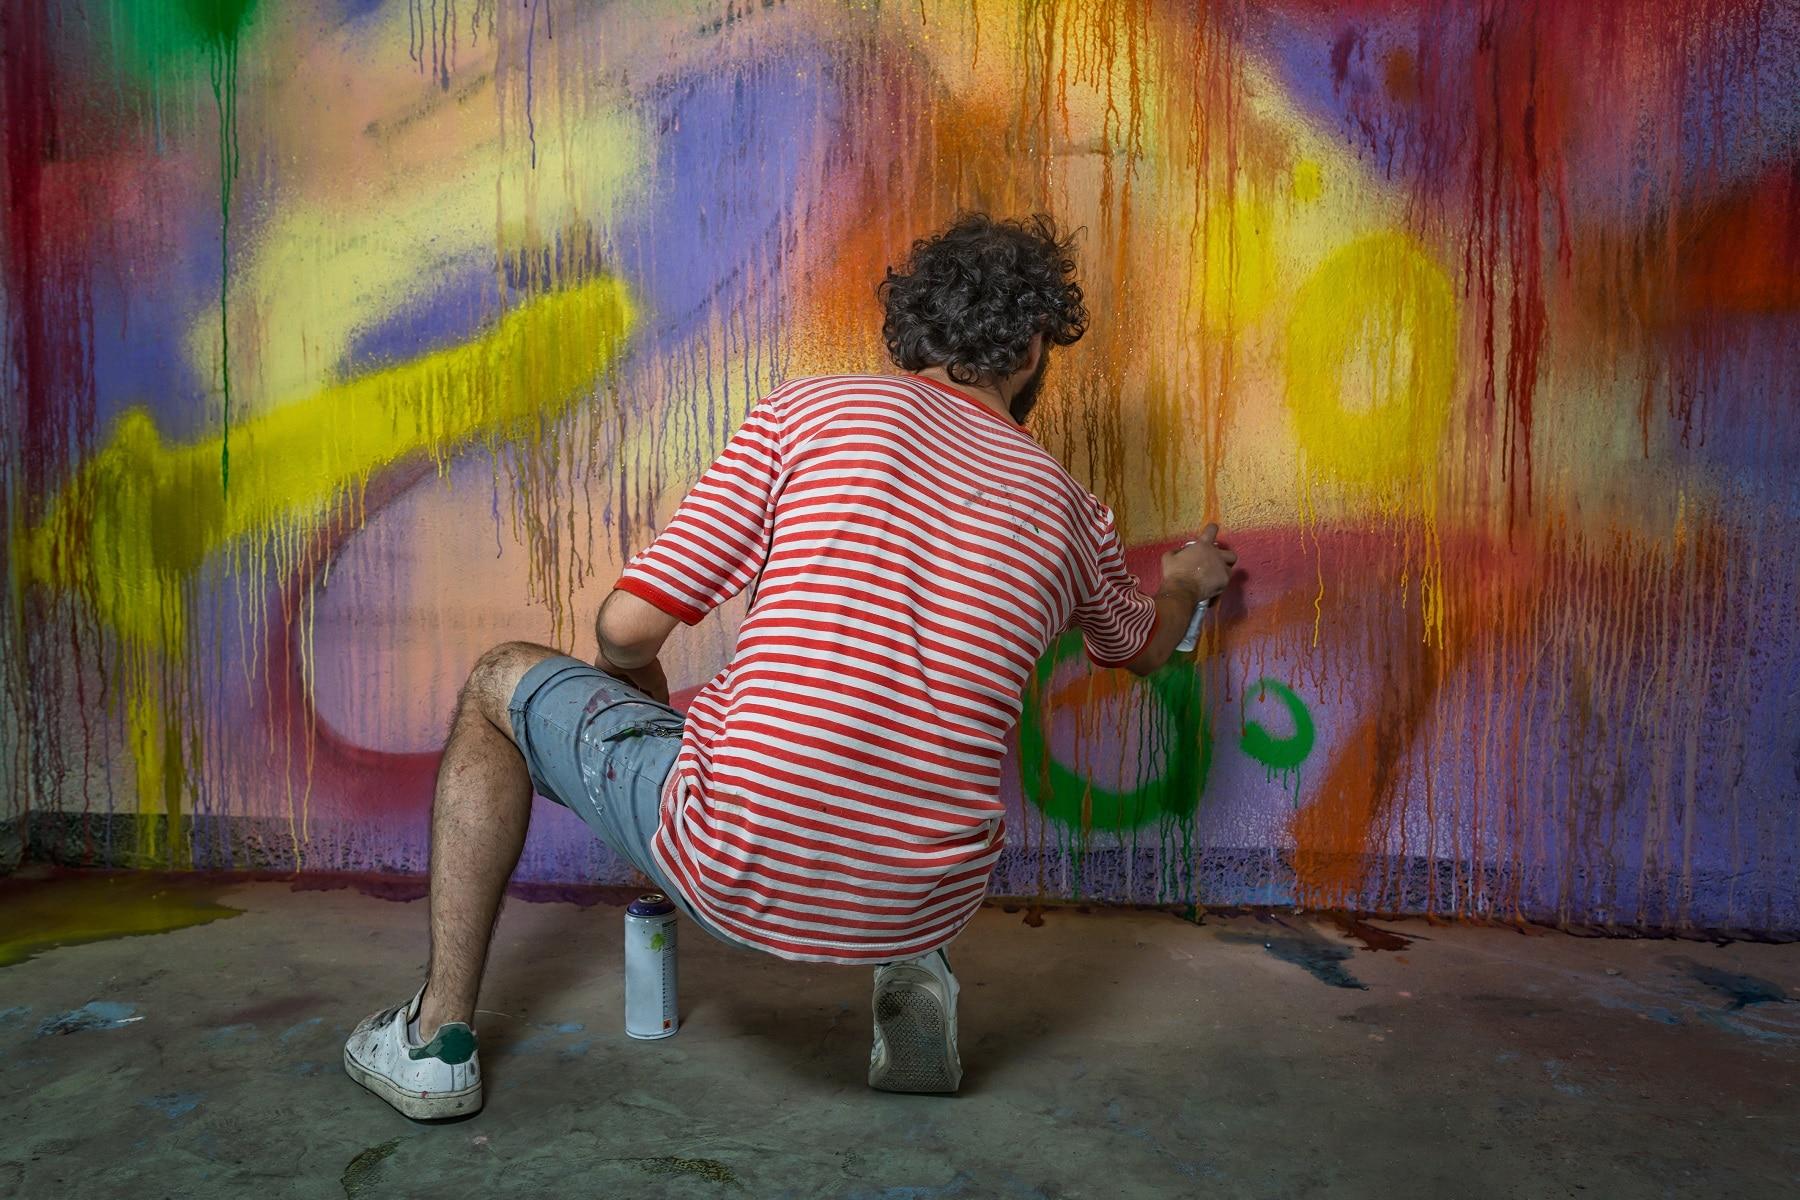 Graffititaitelijalle ei makseta työstä